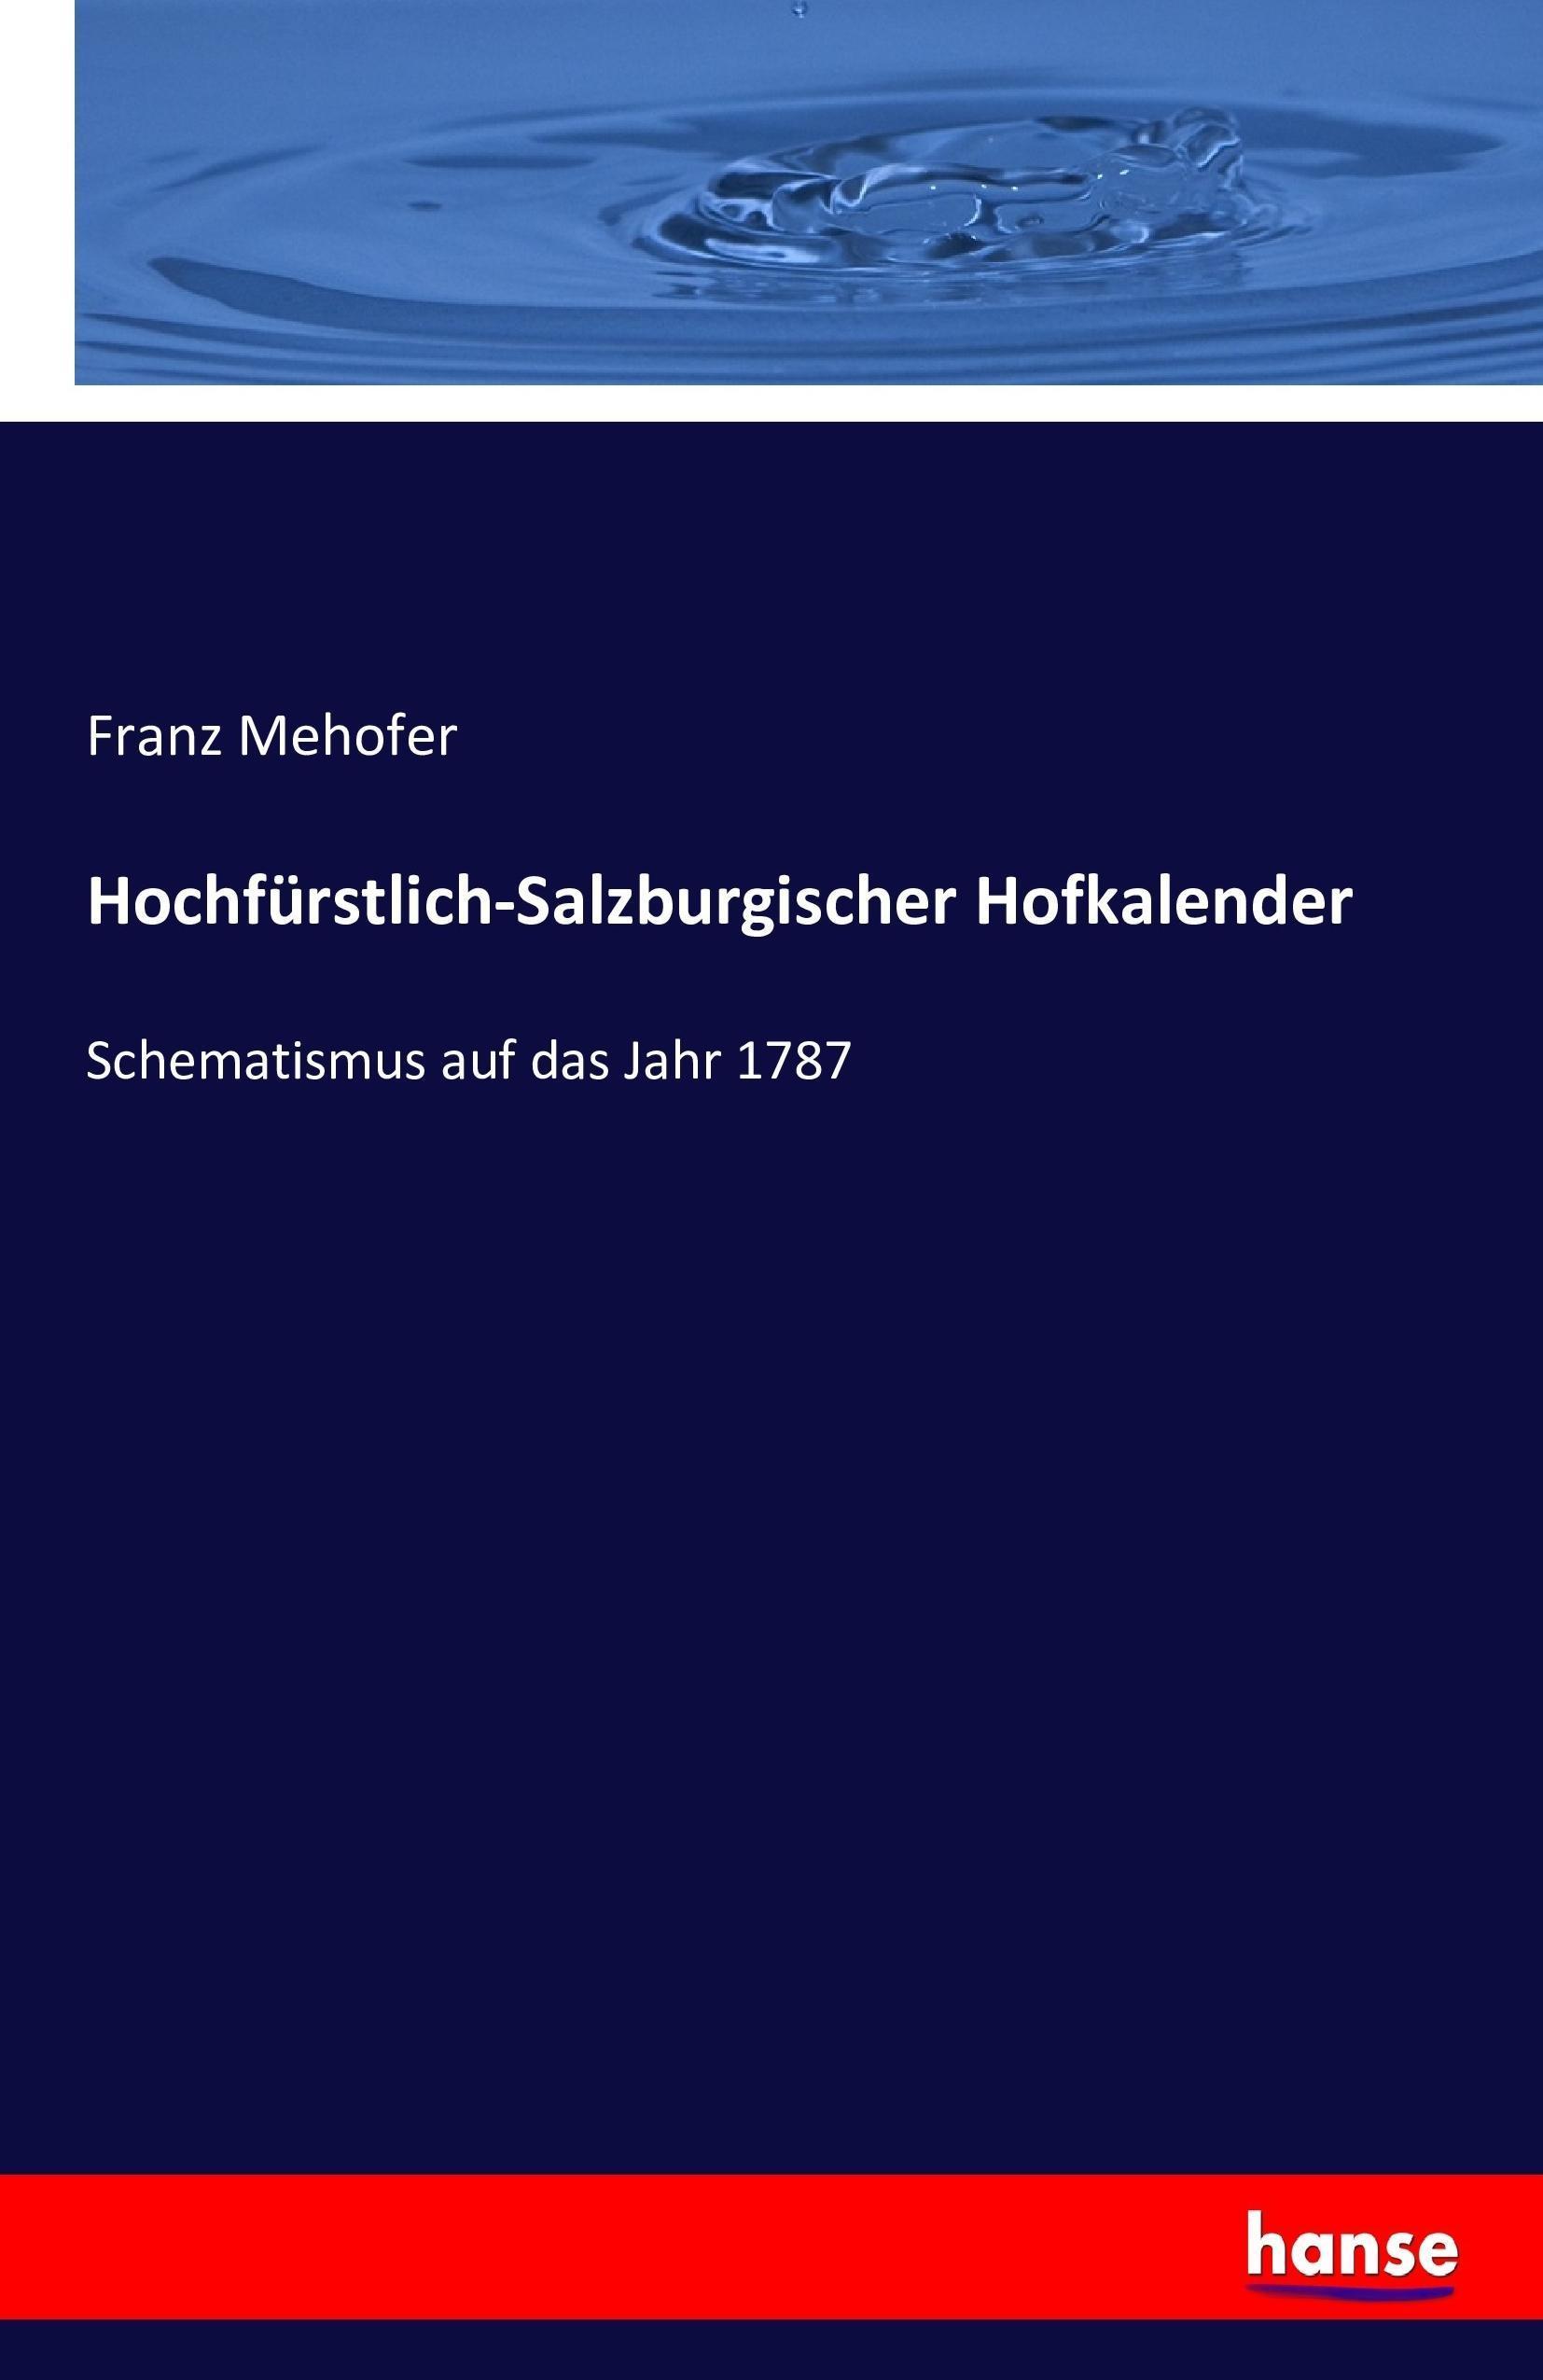 Hochfürstlich-Salzburgischer Hofkalender Franz Mehofer